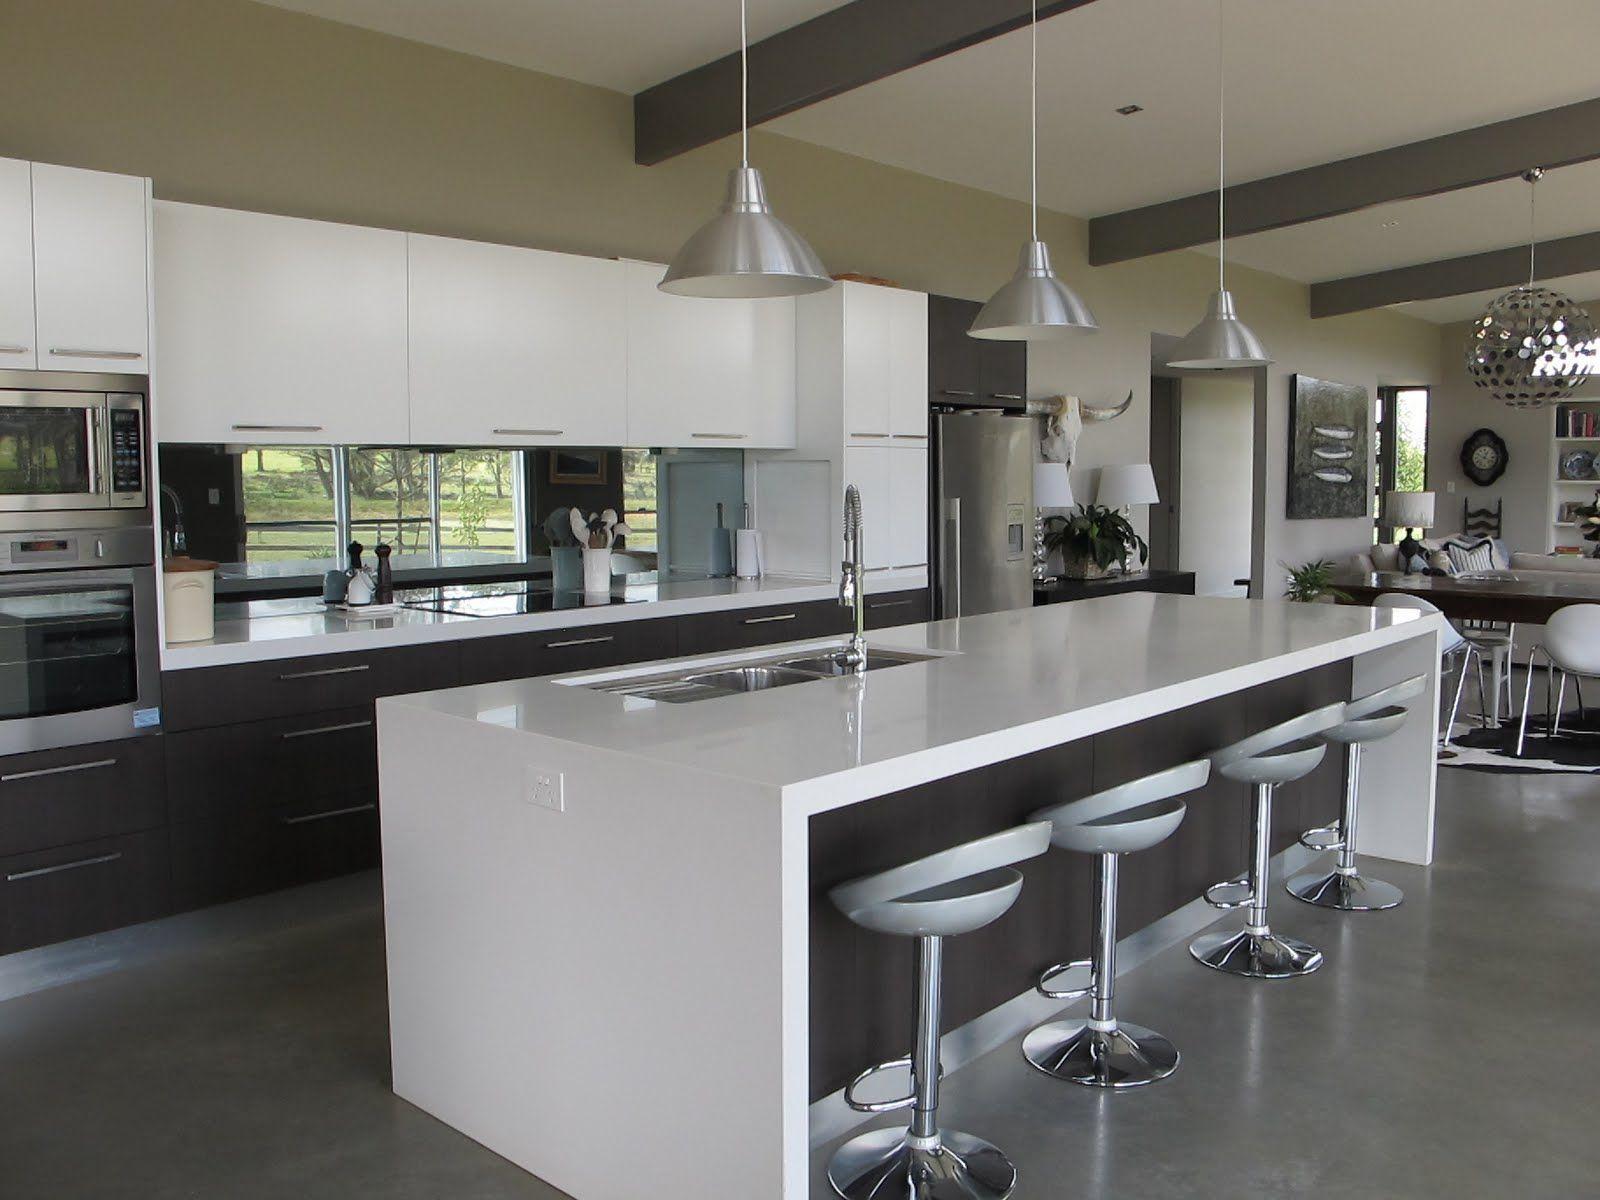 Pin von Steve Parkin auf kitchen | Pinterest | Küche insel, Küche ...